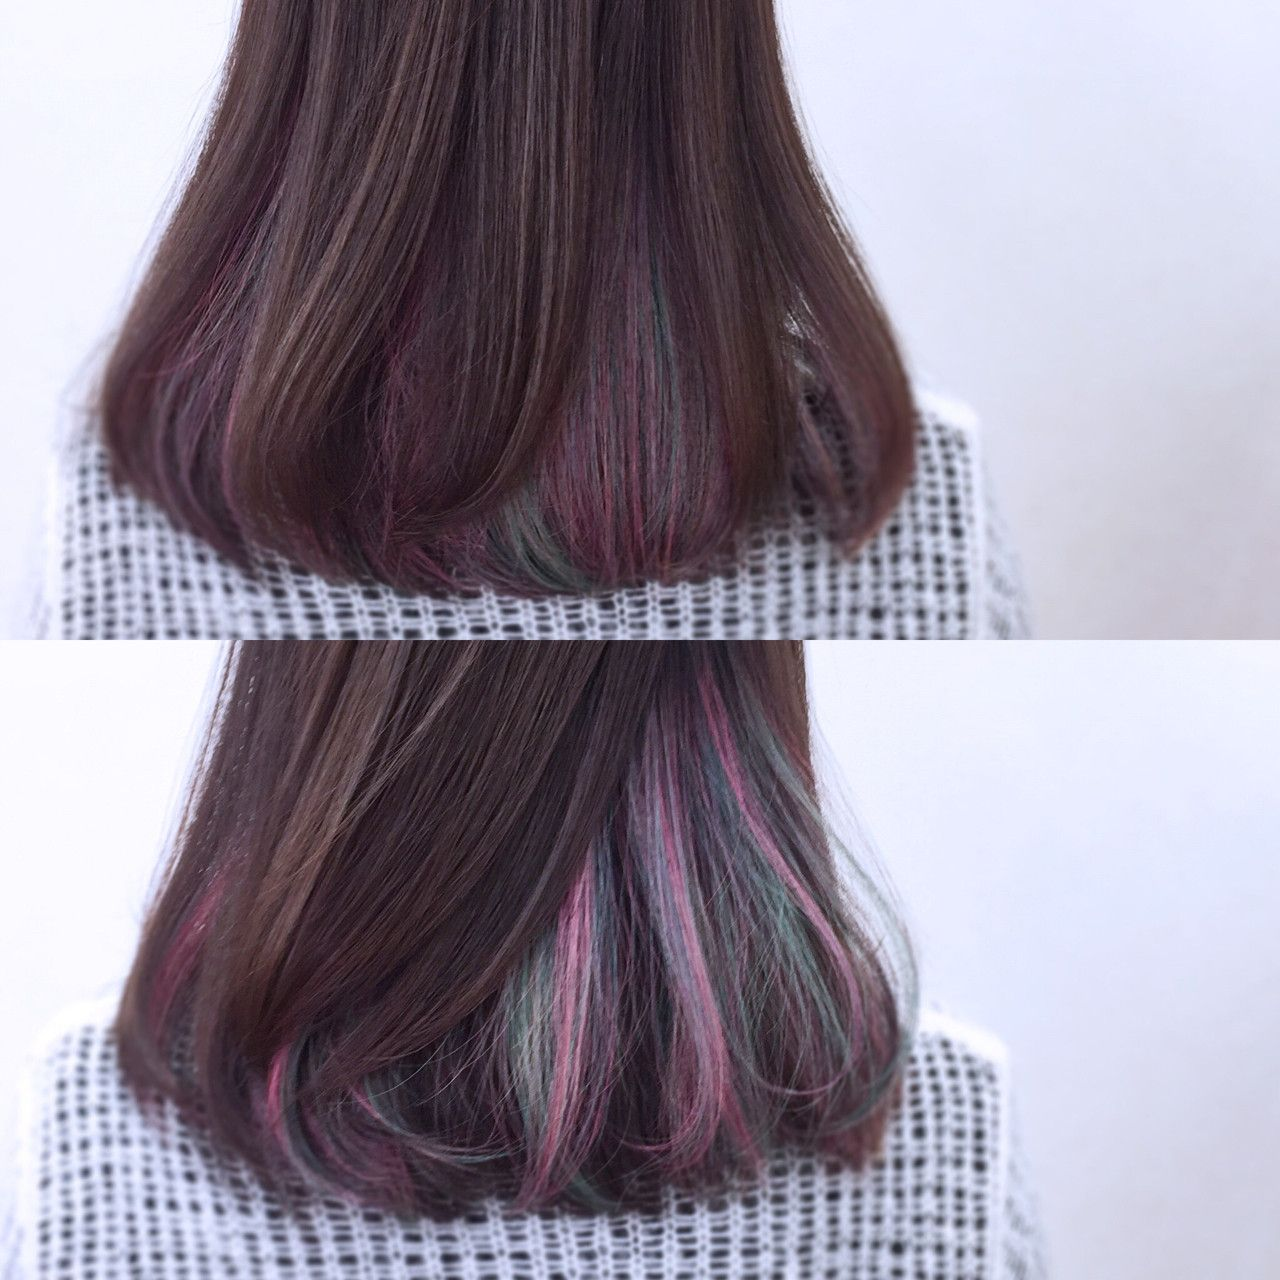 暗髪とインナーカラー オンブレヘア 染めた髪 ヘアスタイリング